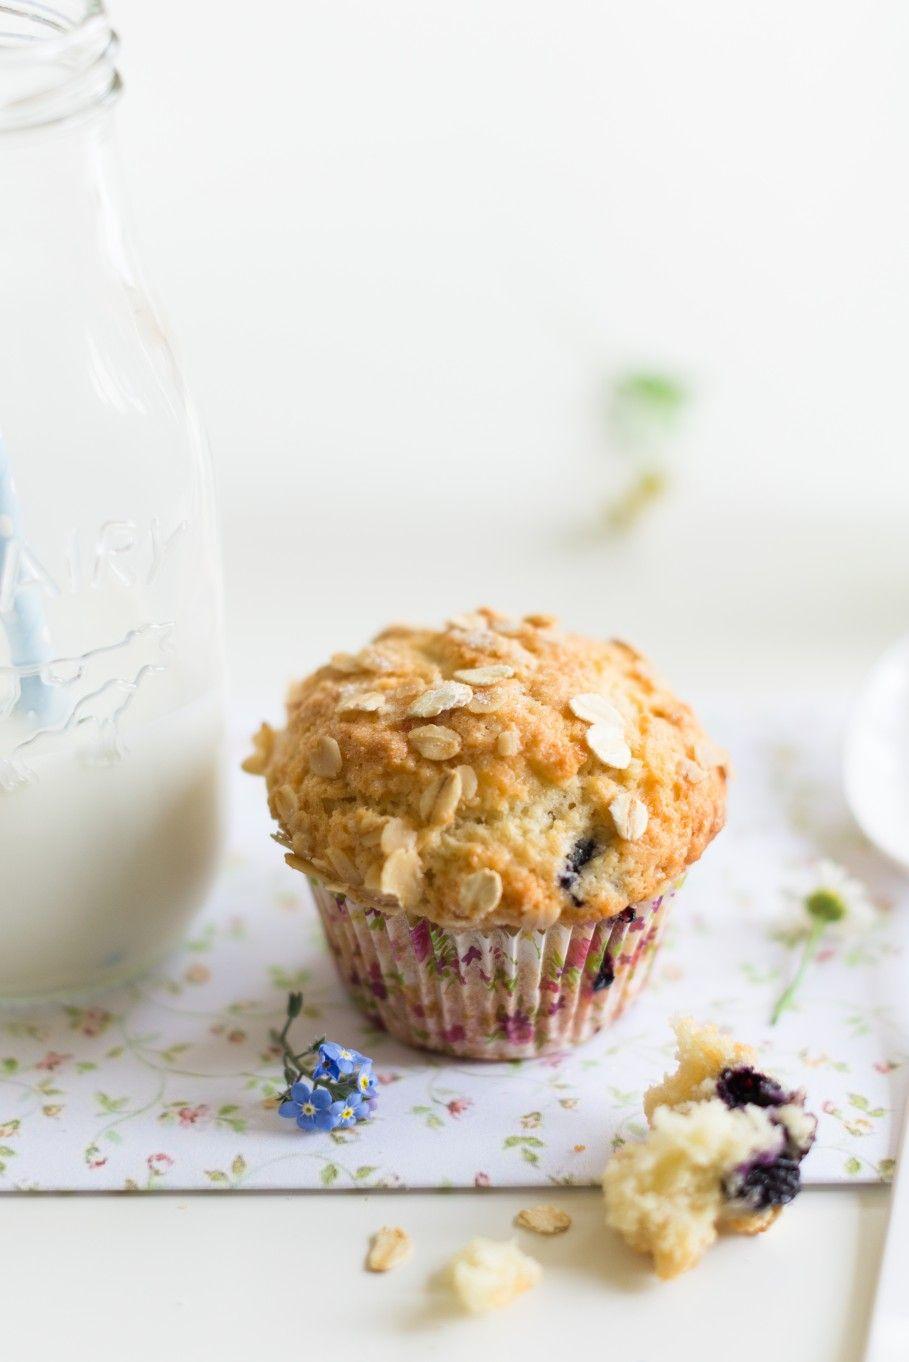 Oats, Bluberry and Yogurt Muffins  